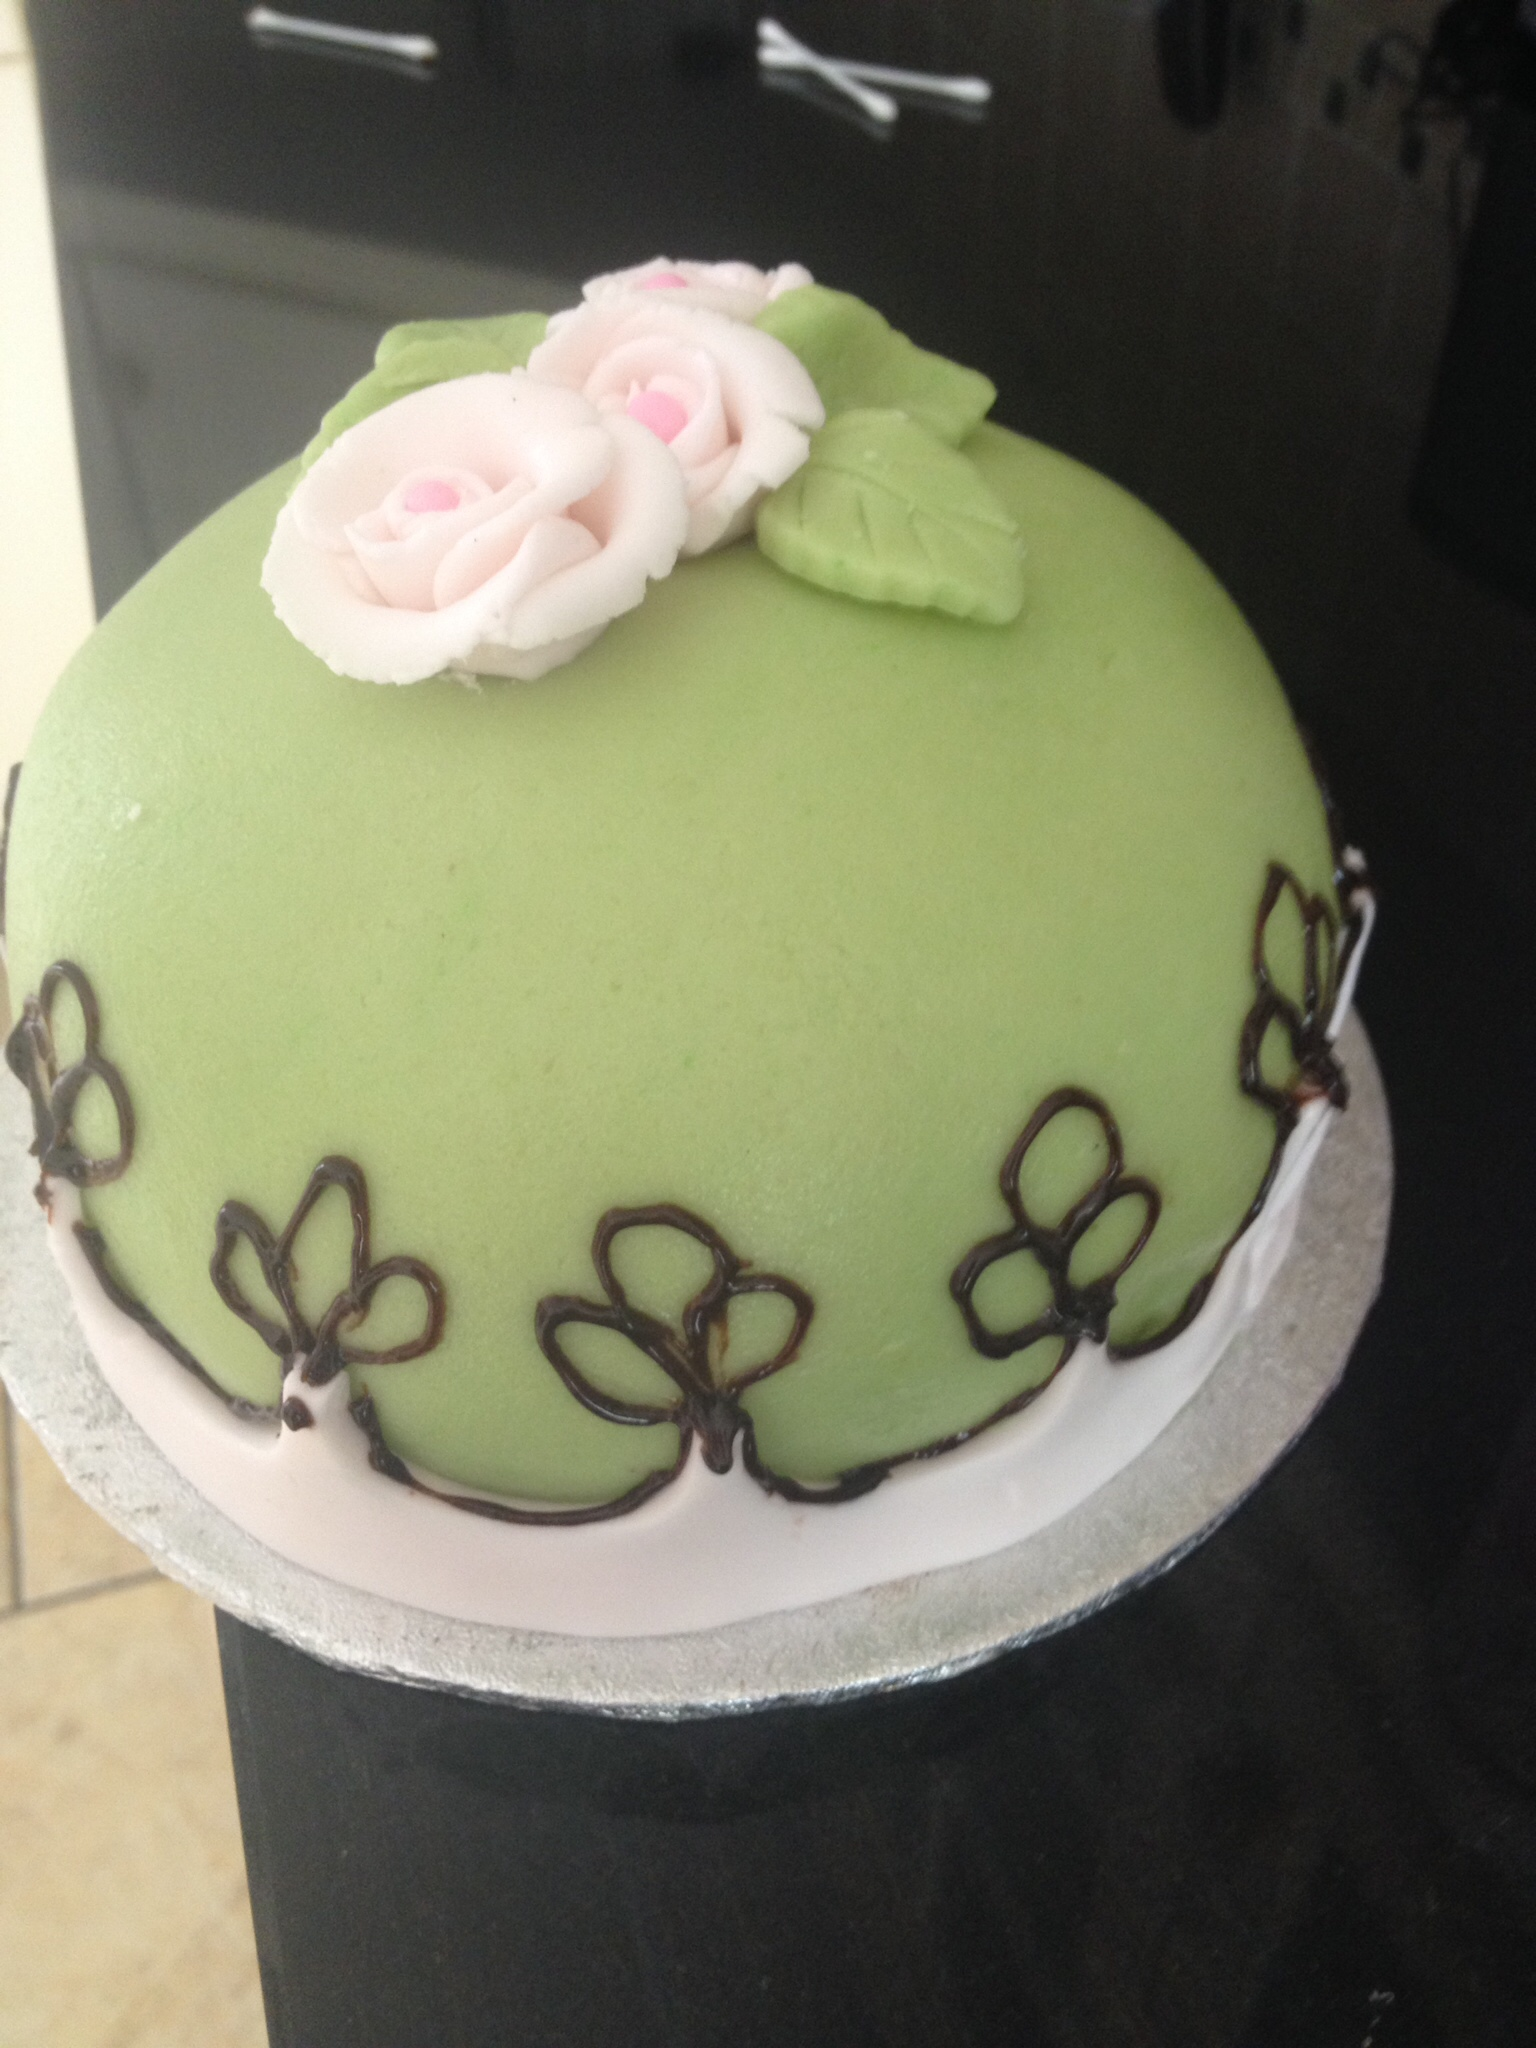 GBBO – European cake week